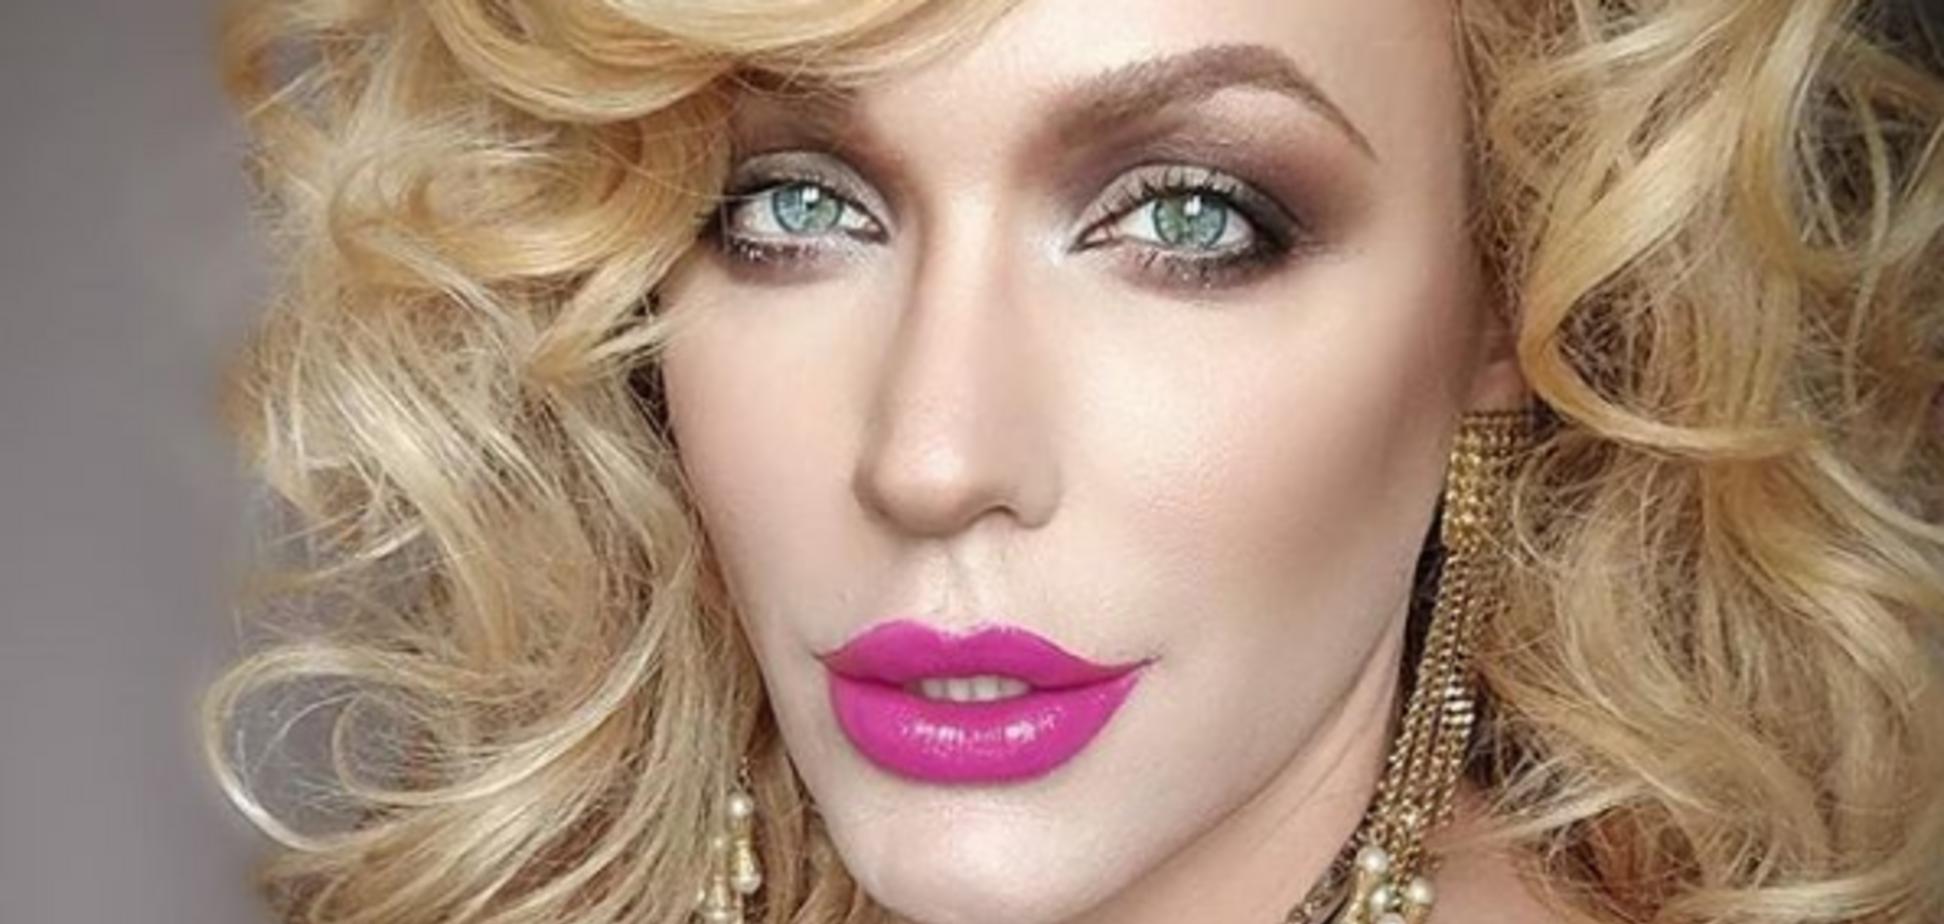 Популярна в Україні травесті-діва розкрила секрет краси